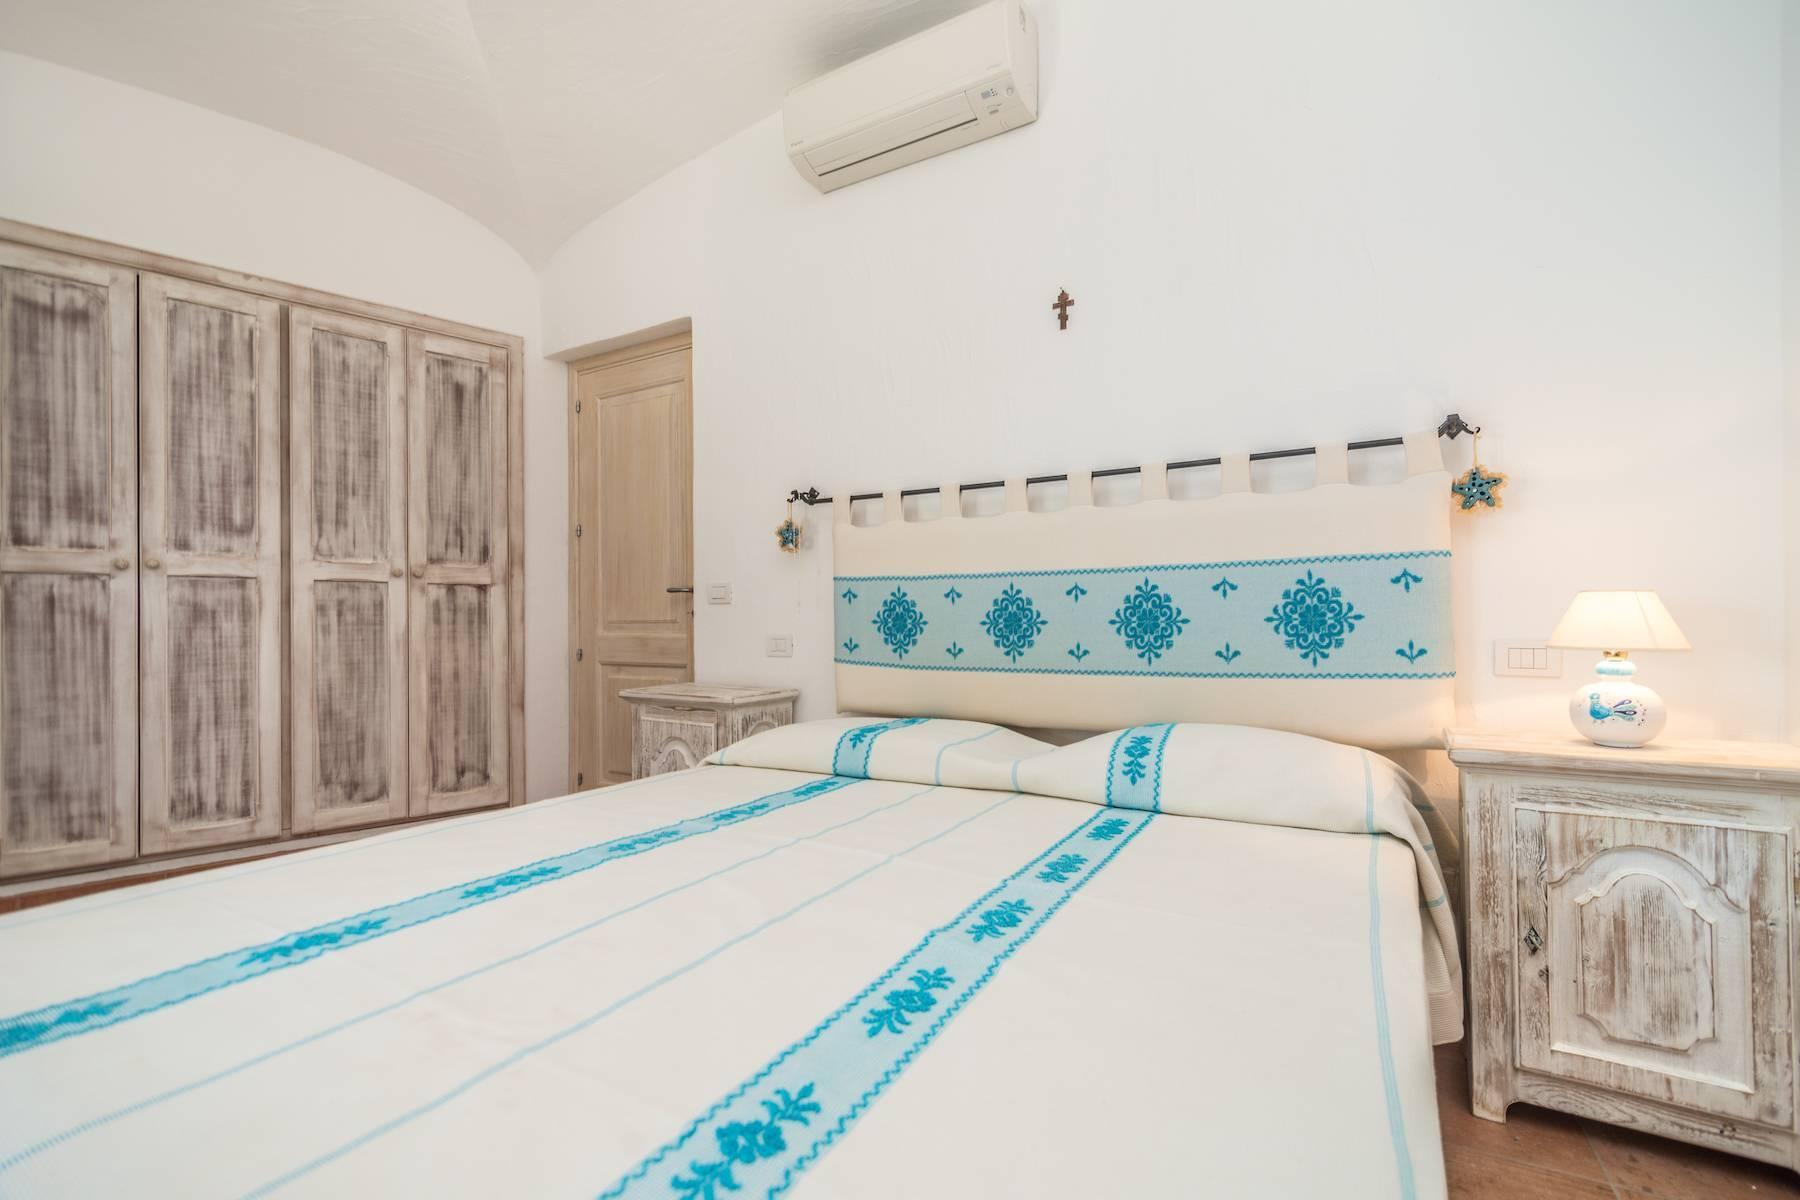 Accogliente villa con piscina privata, a pochi passi dal mare e dal centro di Baja Sardinia - 14